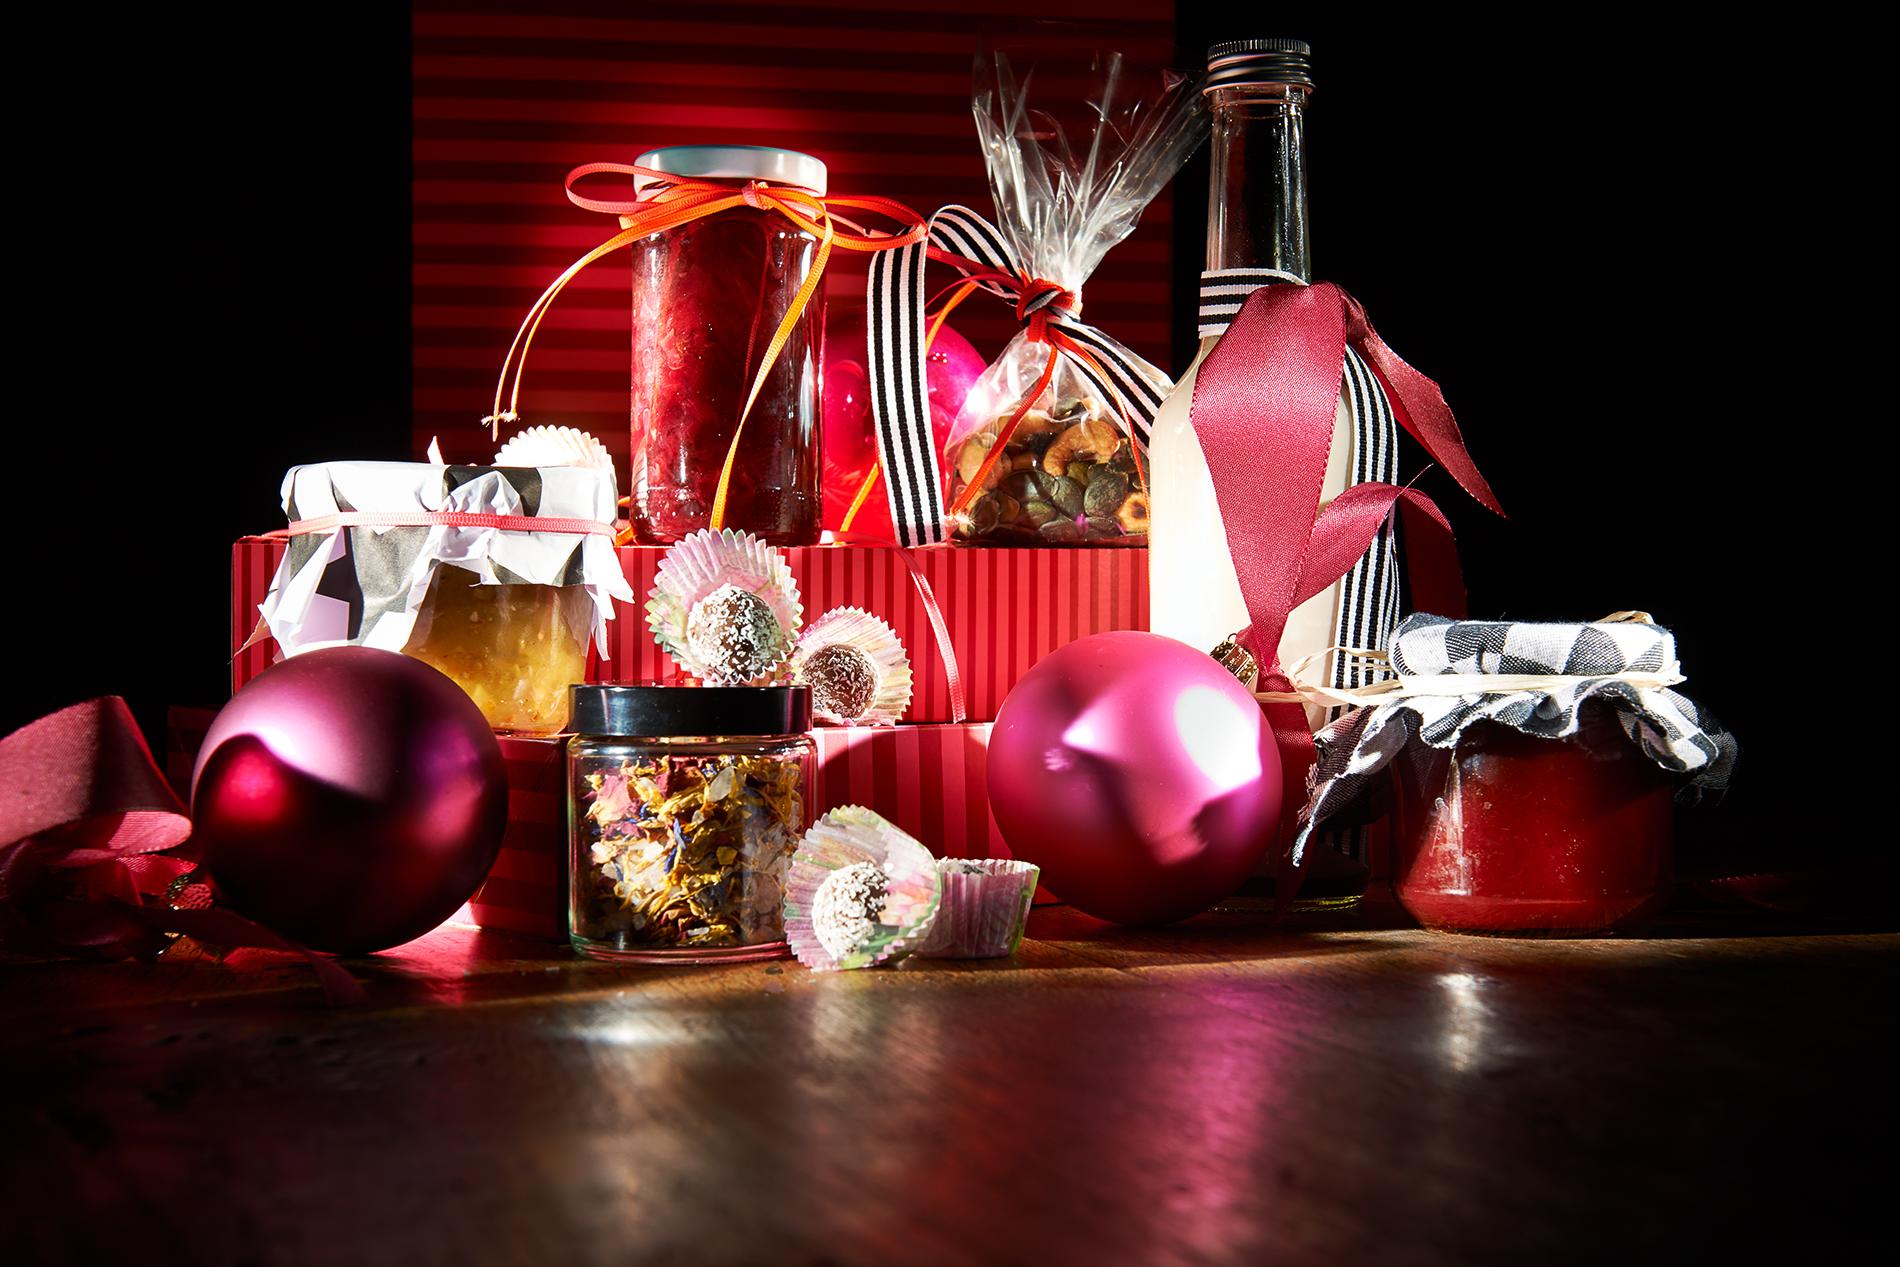 Herzhaft: Weihnachtsgeschenke aus der Küche | cookionista